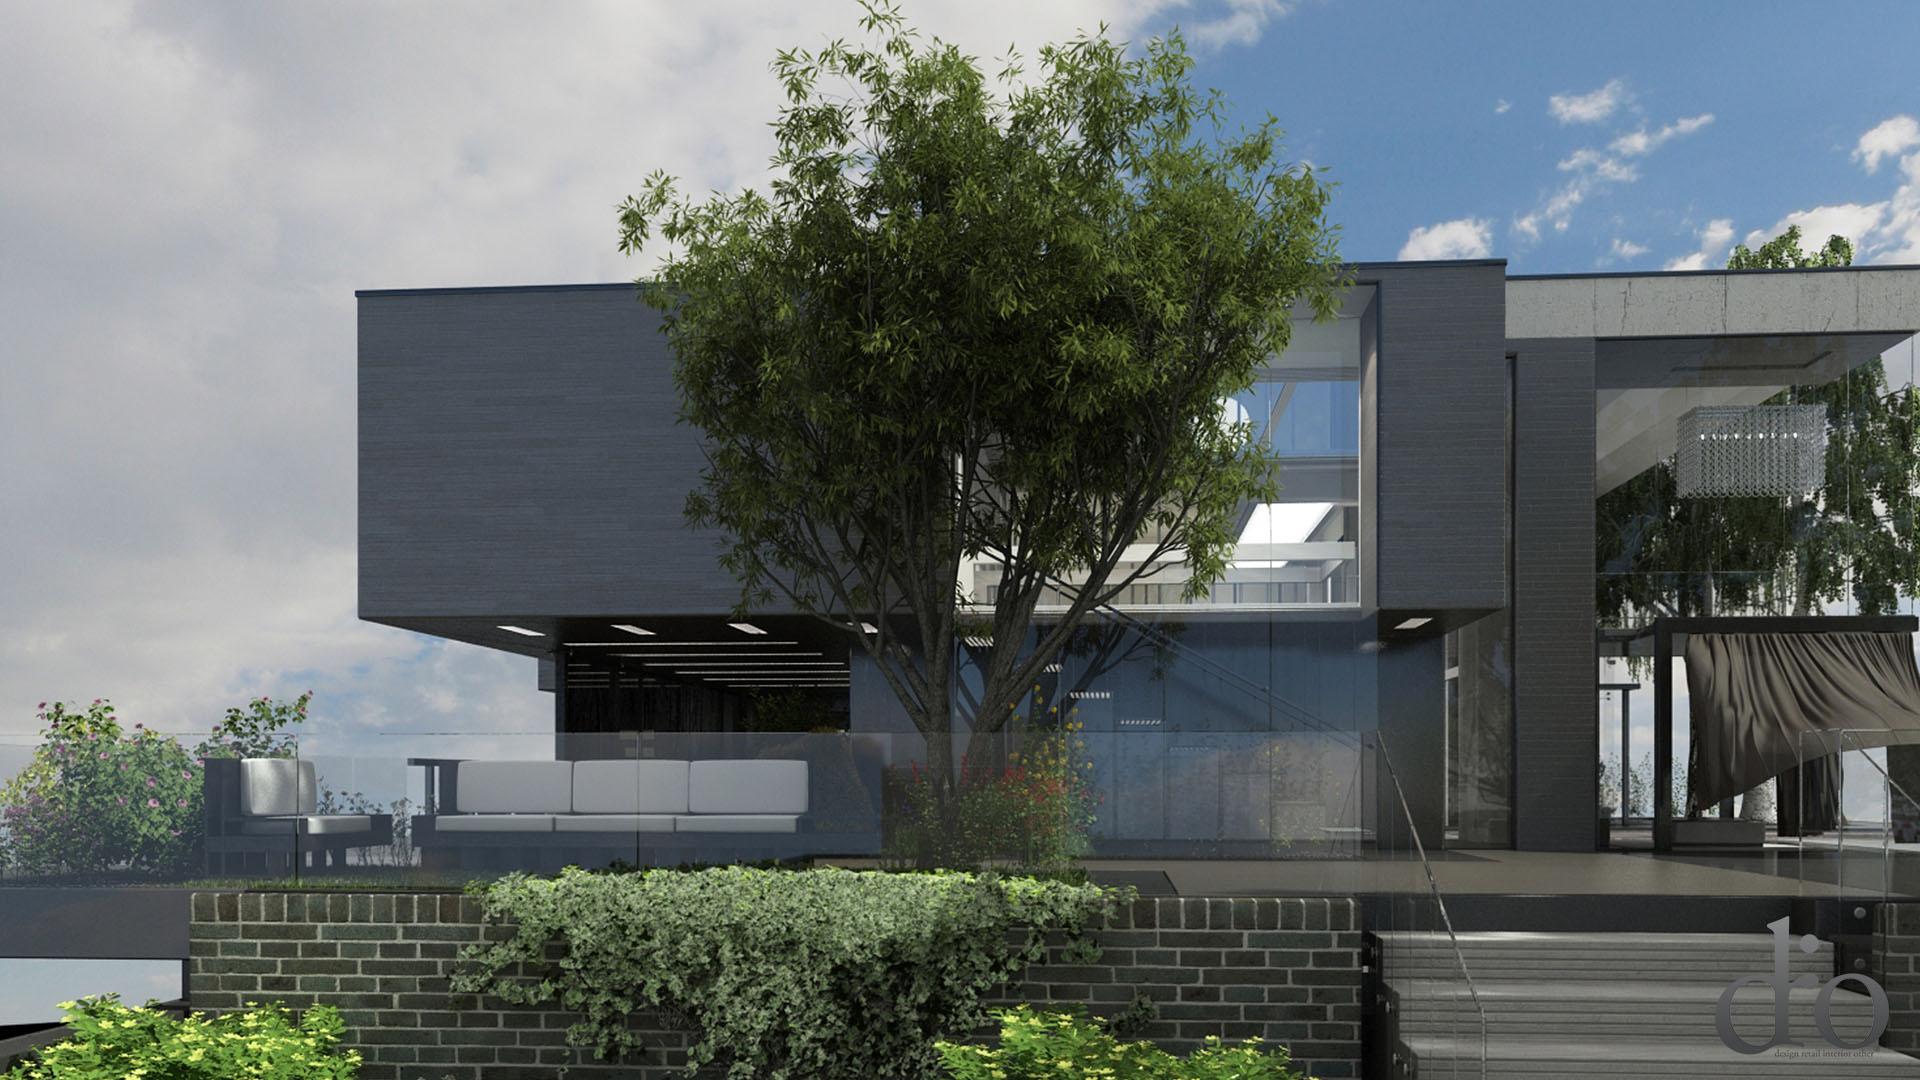 Innenarchitekt Hannover innenarchitektur aus hannover auf höchstmaß diro internationale innenarchitekt gt gt